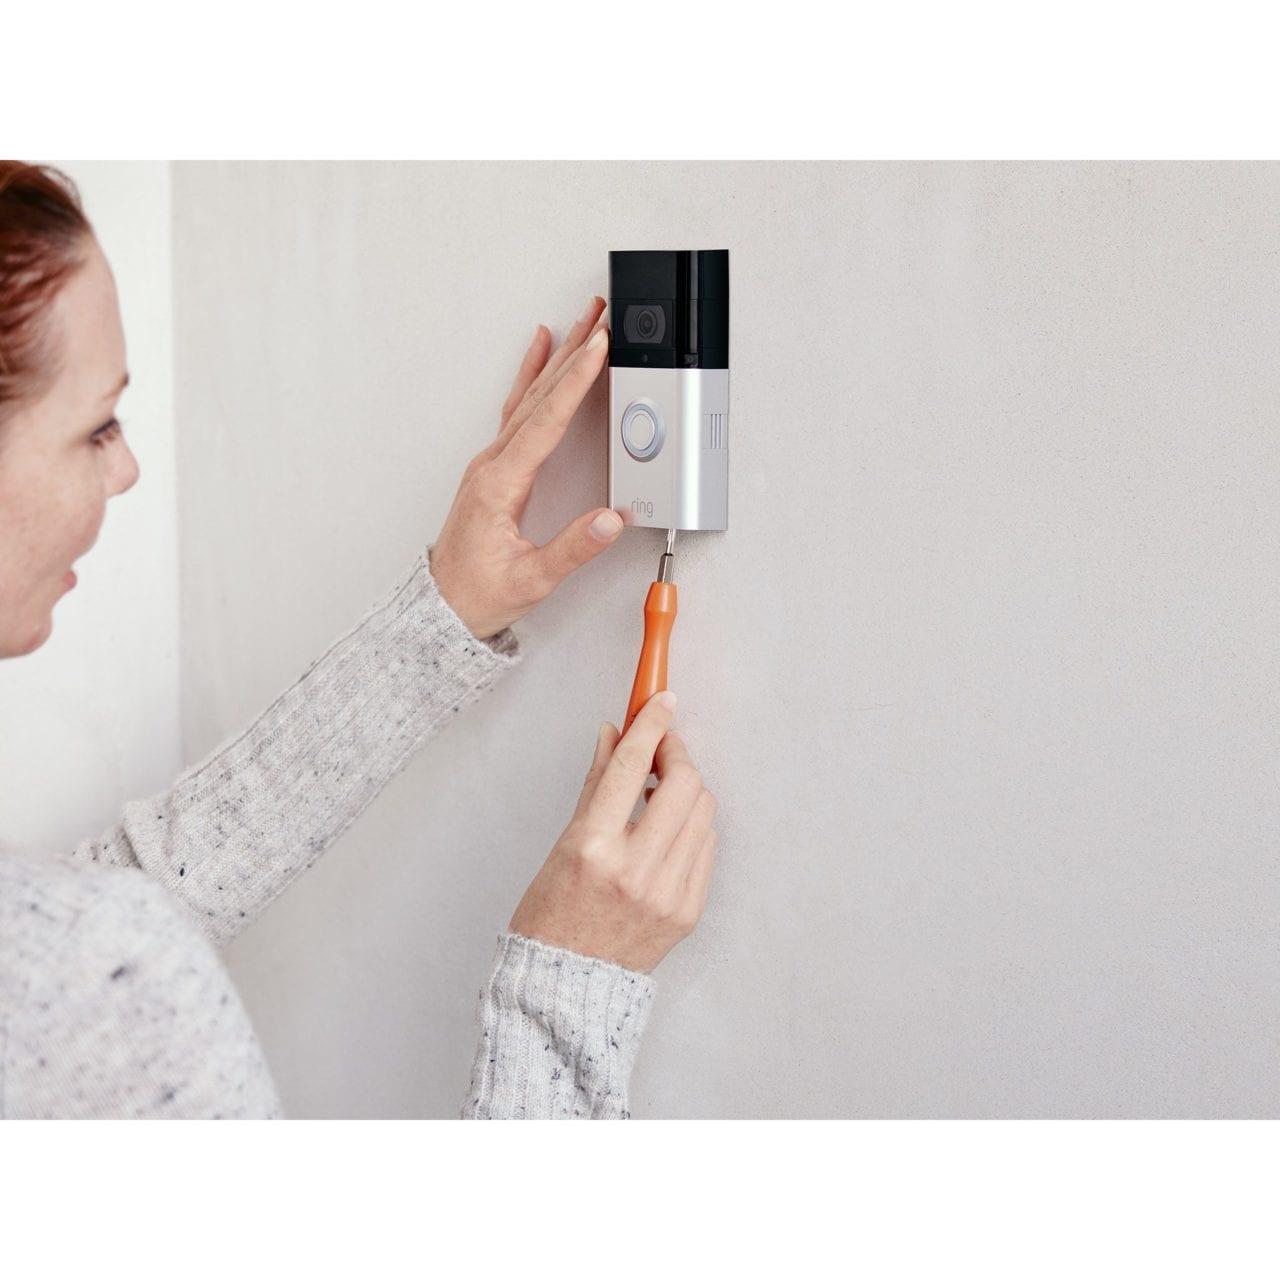 Volete uno spioncino in full HD? Ring lancia nuovi prodotti smart per la sicurezza domestica (foto)